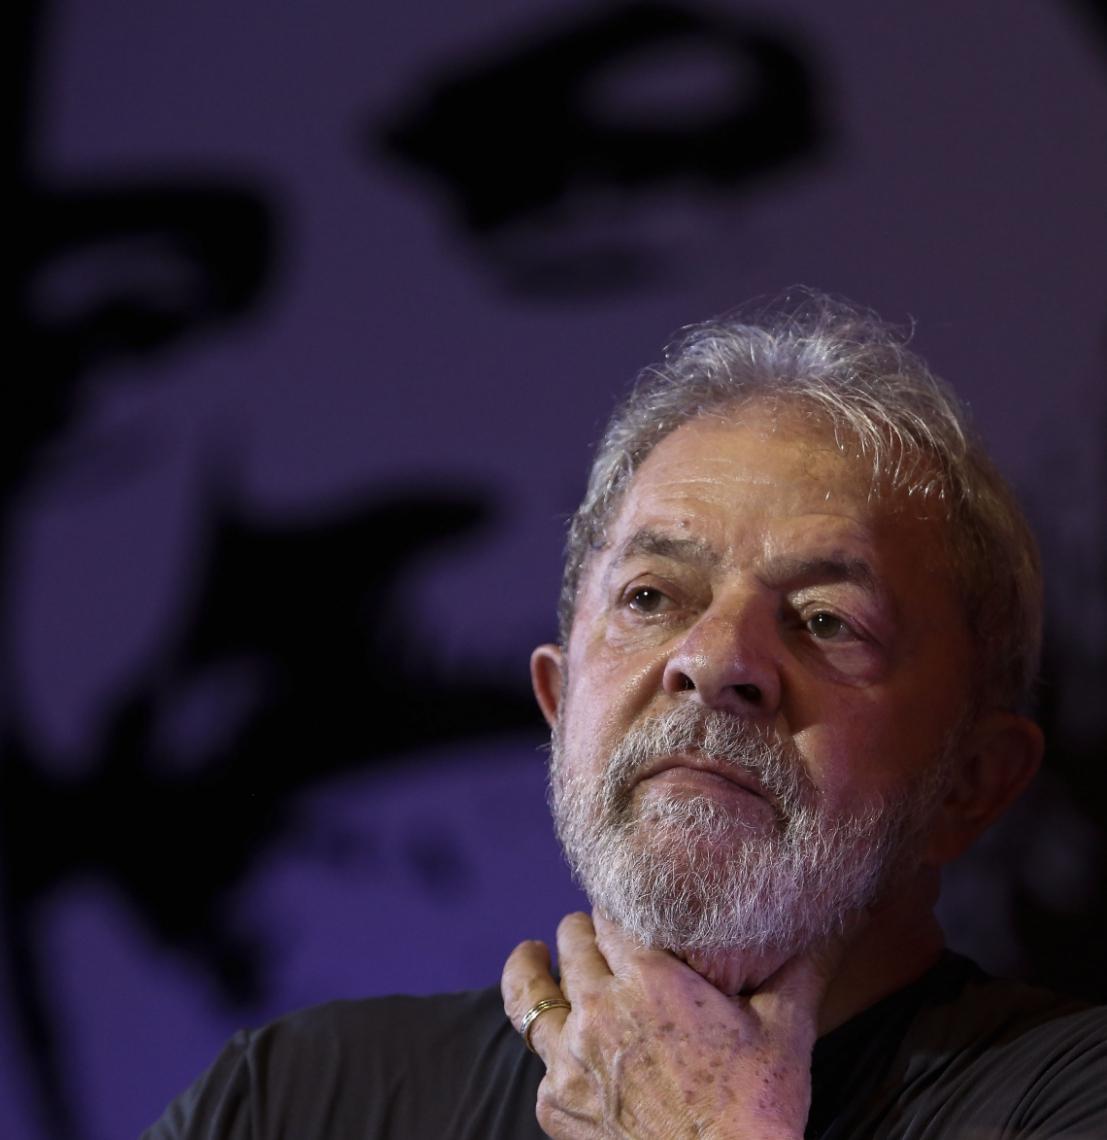 Ex-presidente Lula apresenta uma visão de Estado que seu governo muitas vezes contrariou